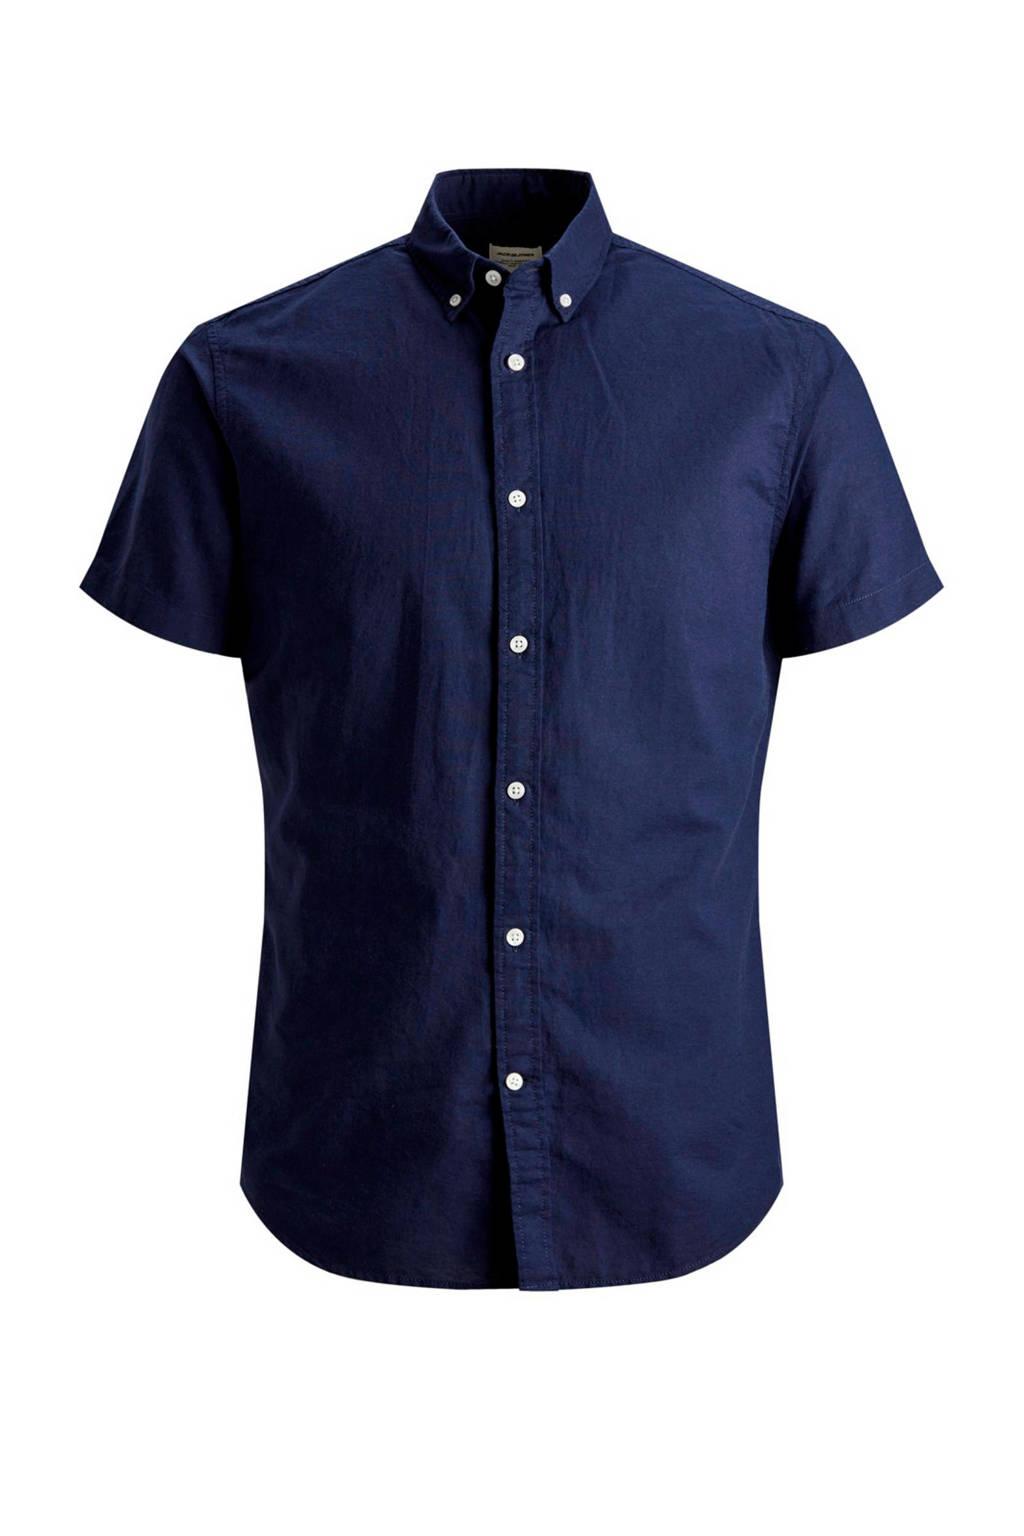 Jack & Jones Essentials overhemd, Donkerblauw